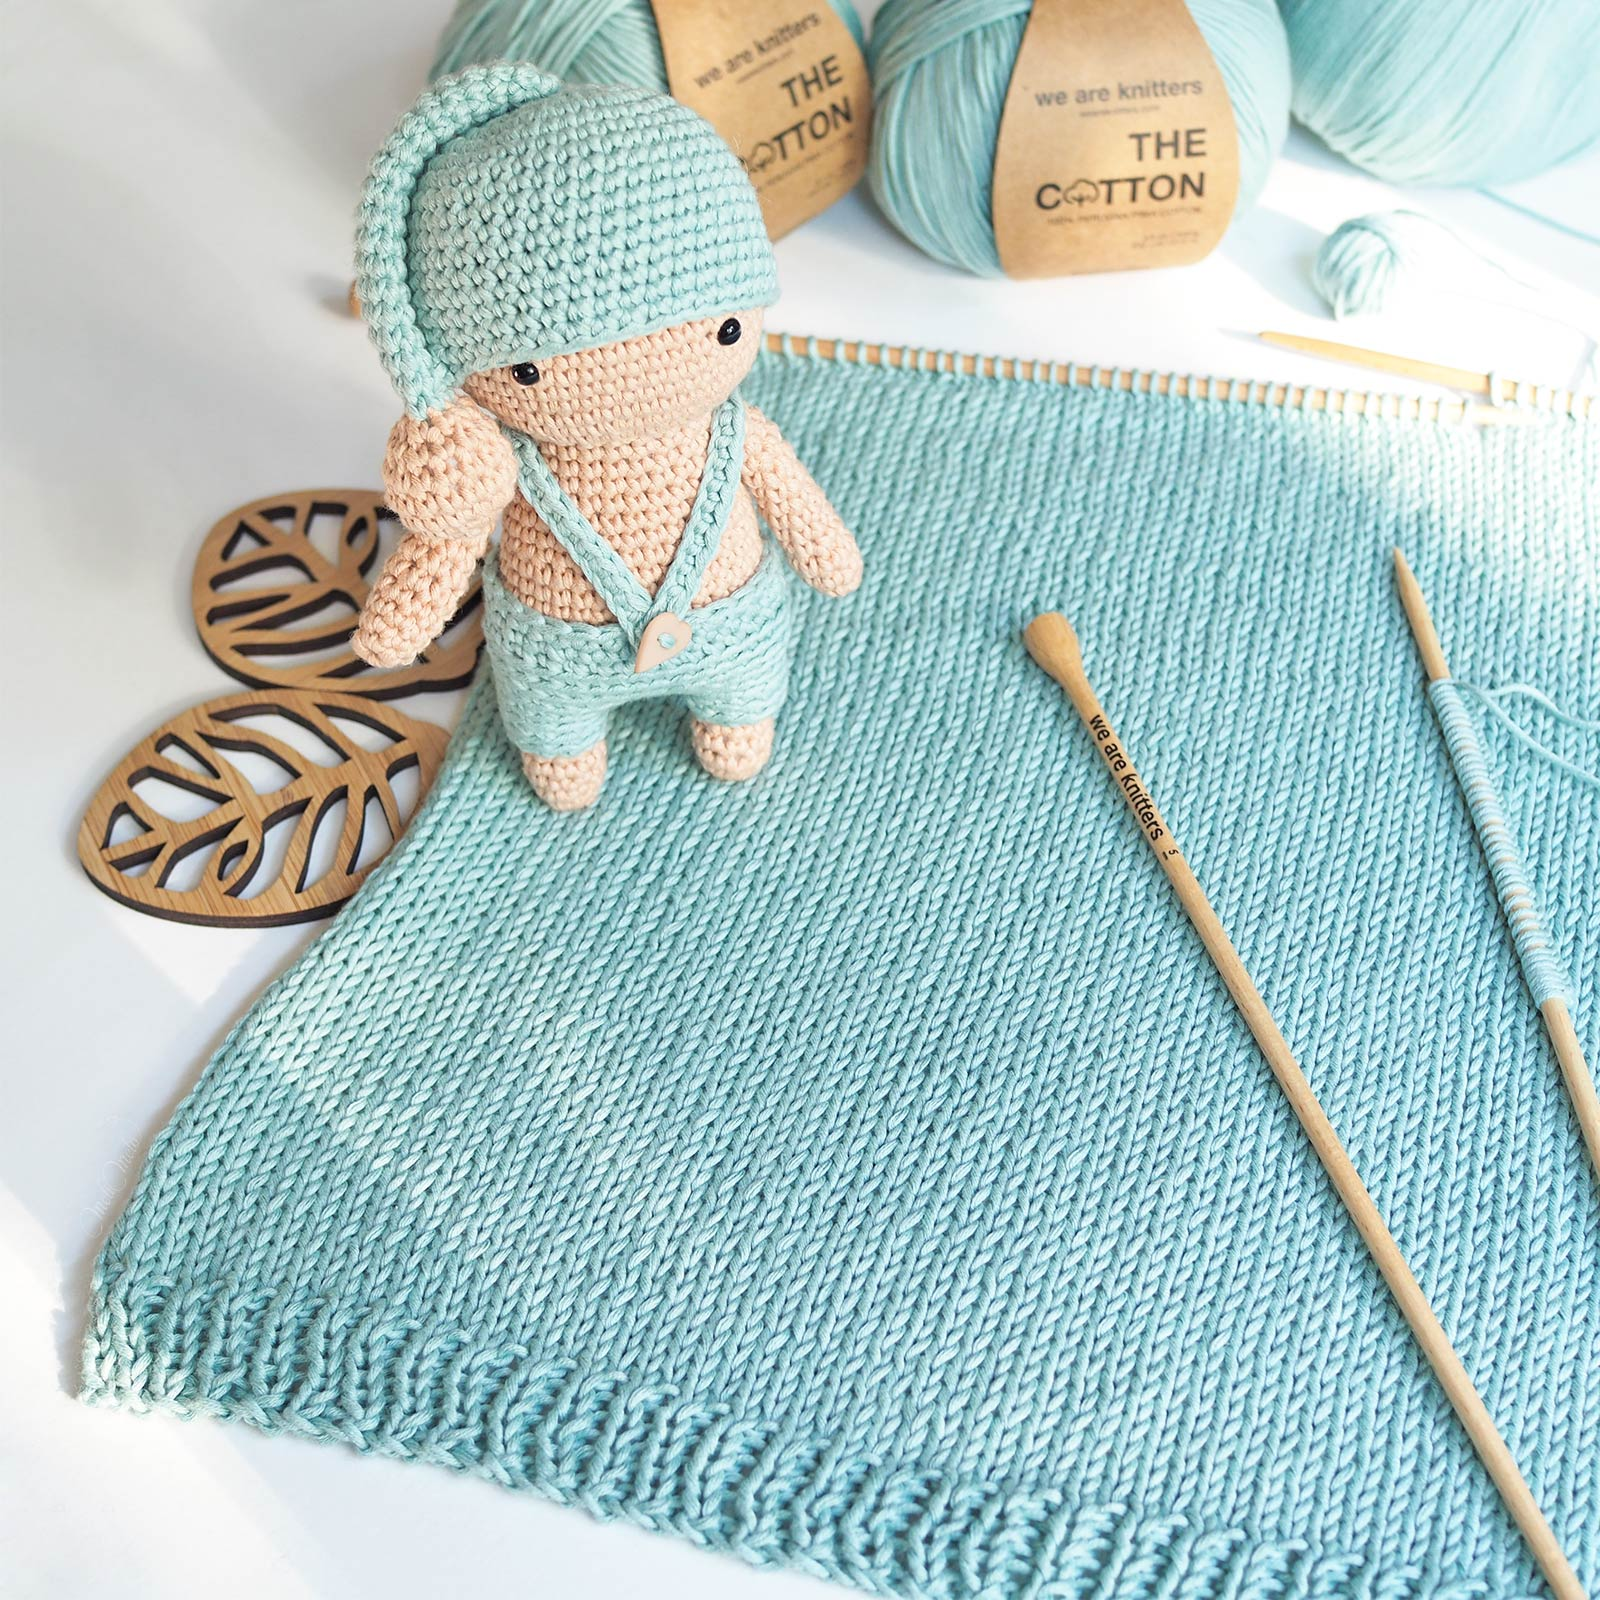 crochet petit dormeur tricot coton Pima aquamarine weareknitters laboutiquedemelimelo